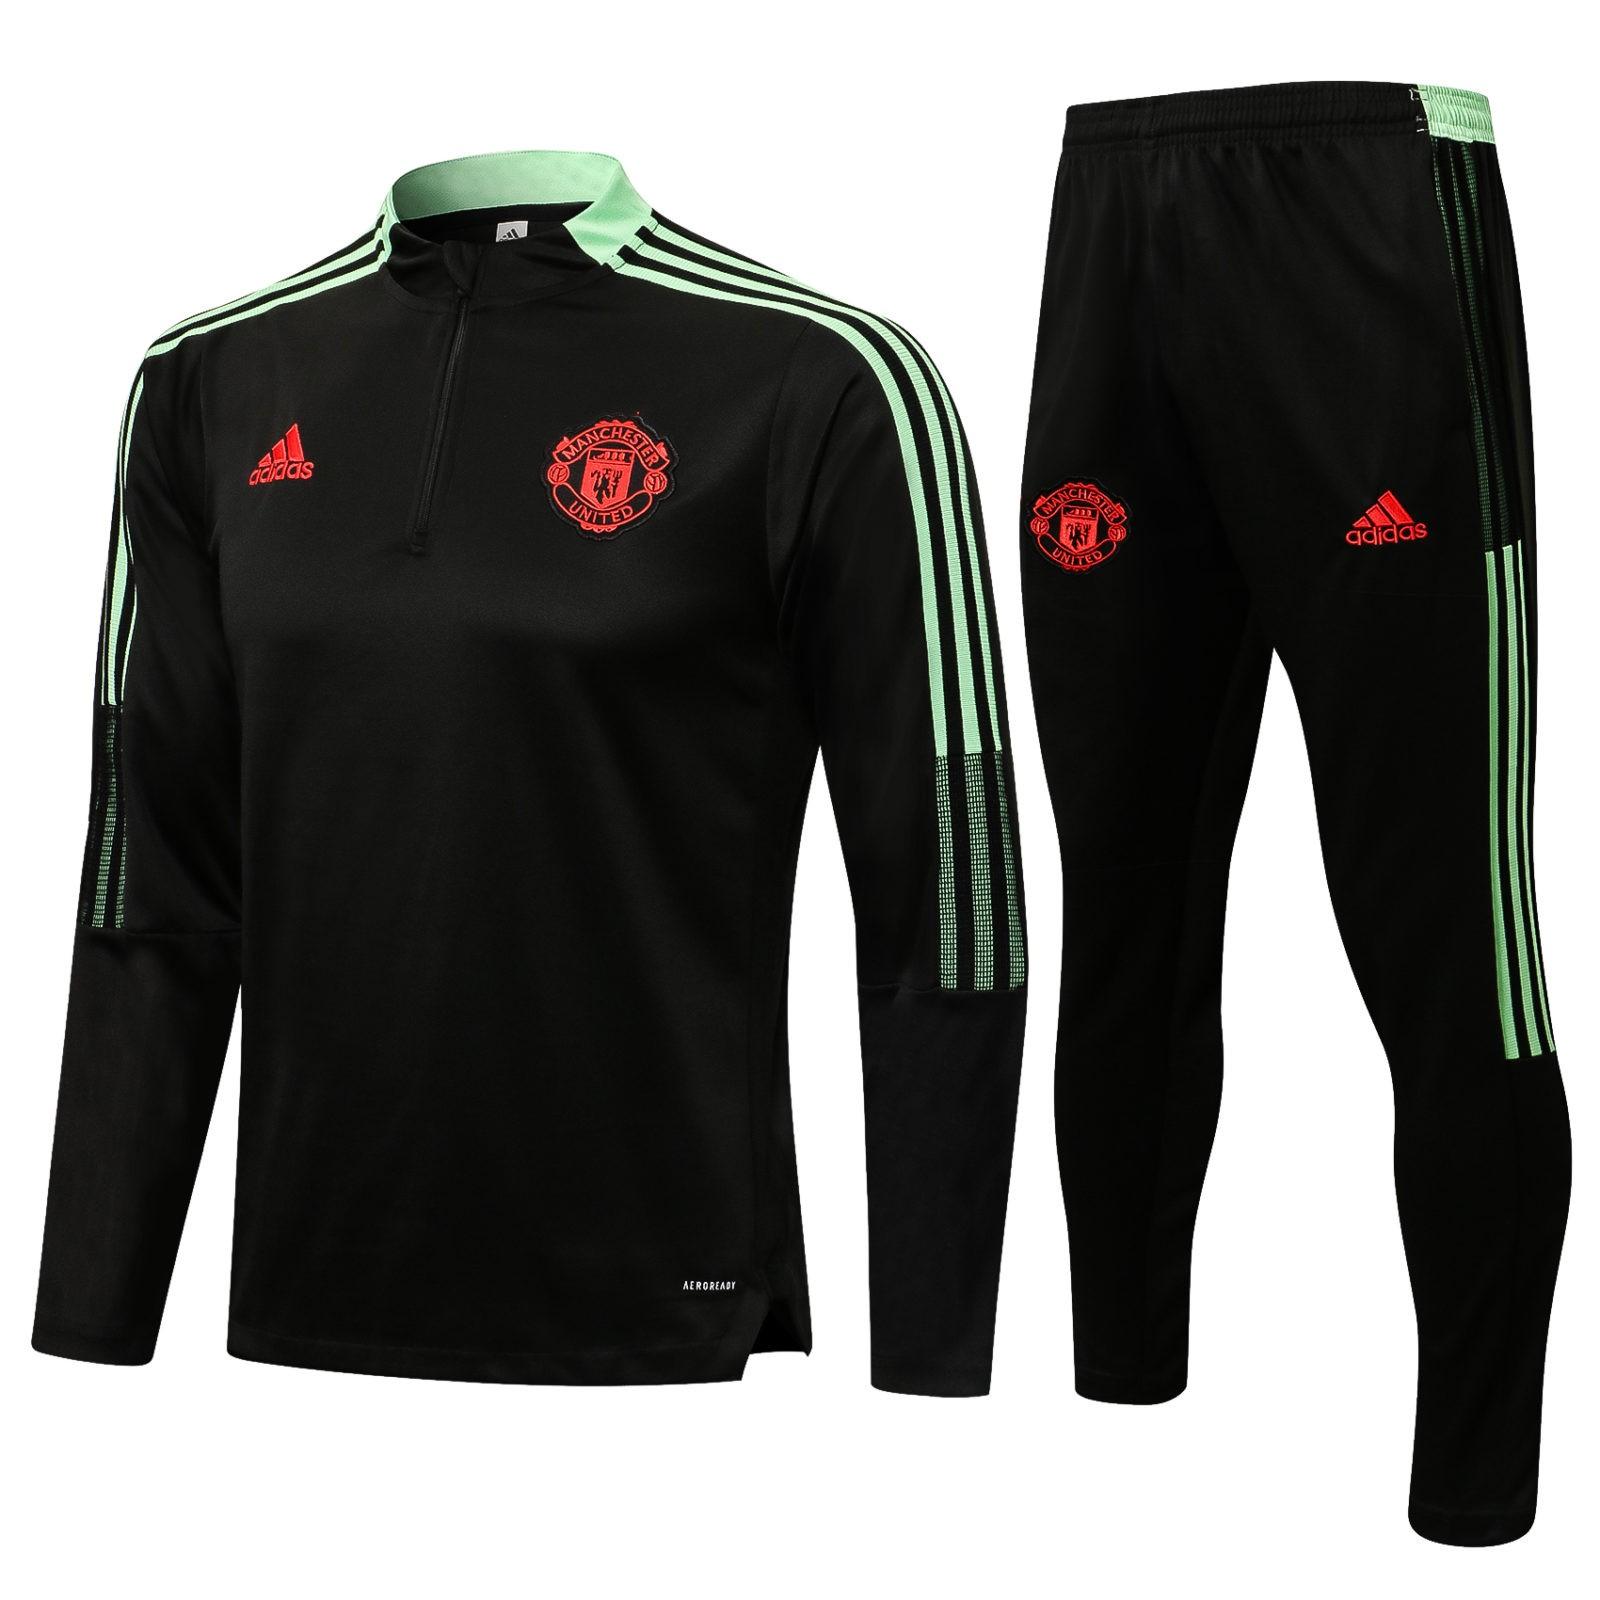 Спортивный костюм Манчестер Юнайтед сезон 2021-2022 арт.14002